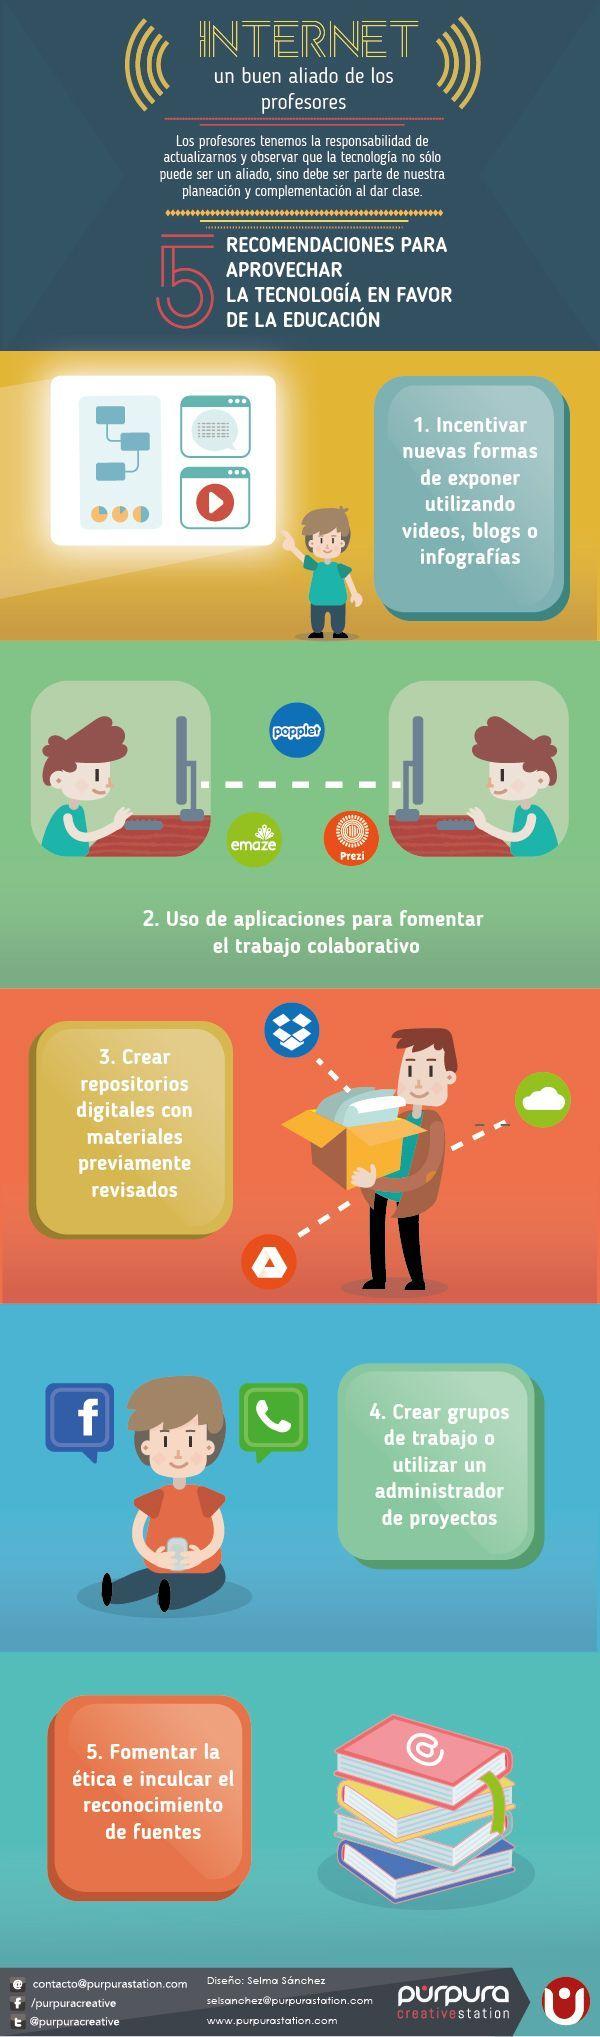 5 Actividades que Internet puede Potenciar en el Aula   #Infografía #Educación. Mucho más sobre formación TIC en www.solerplanet.com